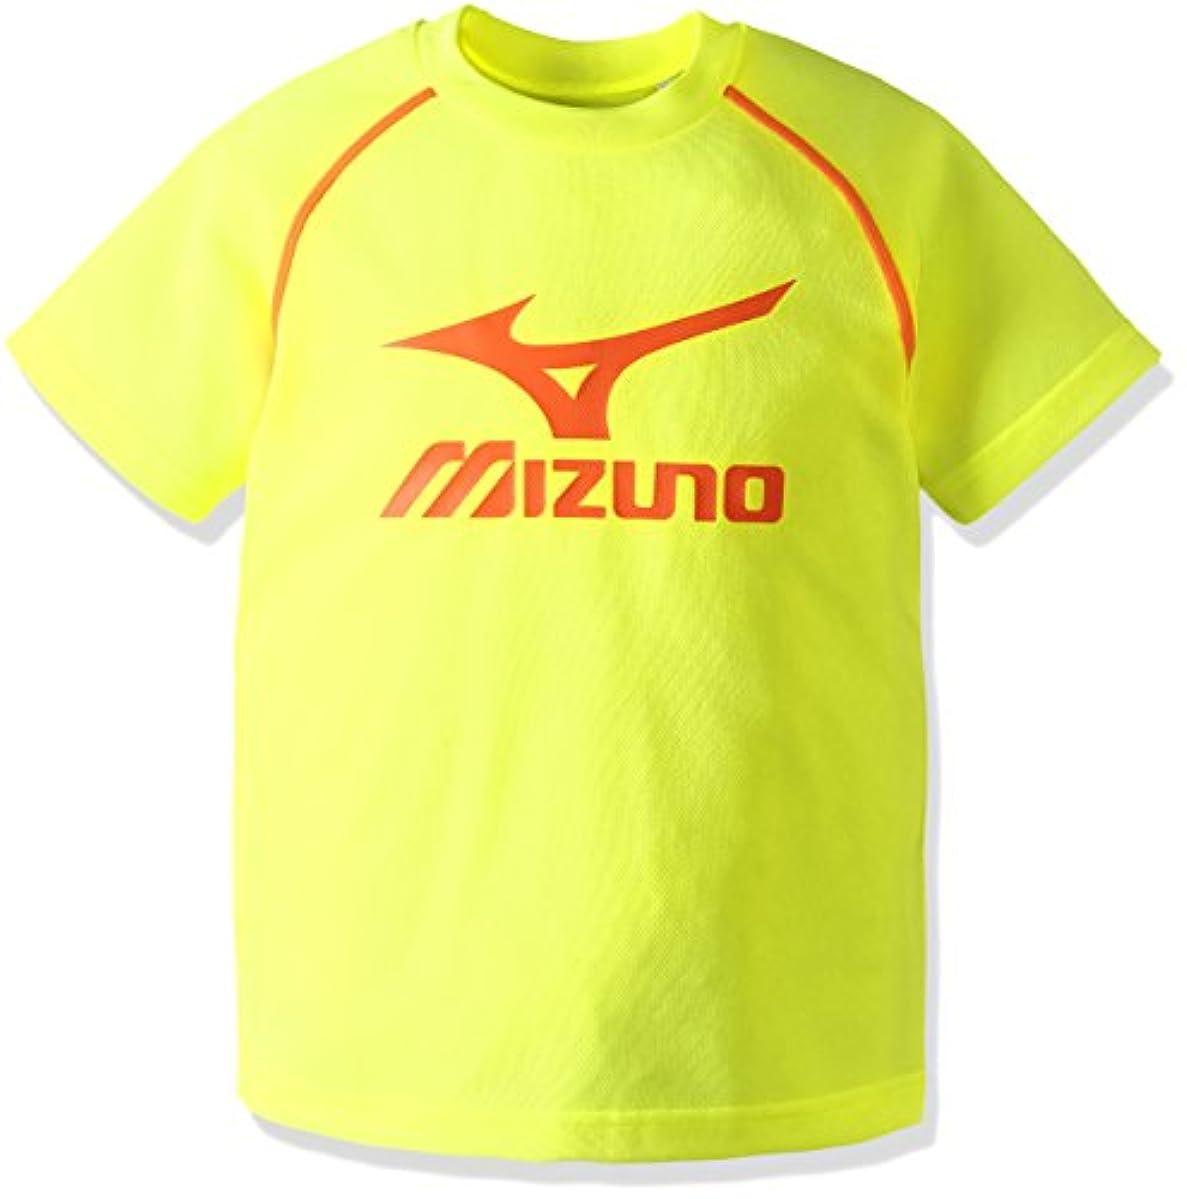 ソーシャルワゴン成果(ミズノ) MIZUNO トレーニングウェア Tシャツ [ジュニア] 32JA7420